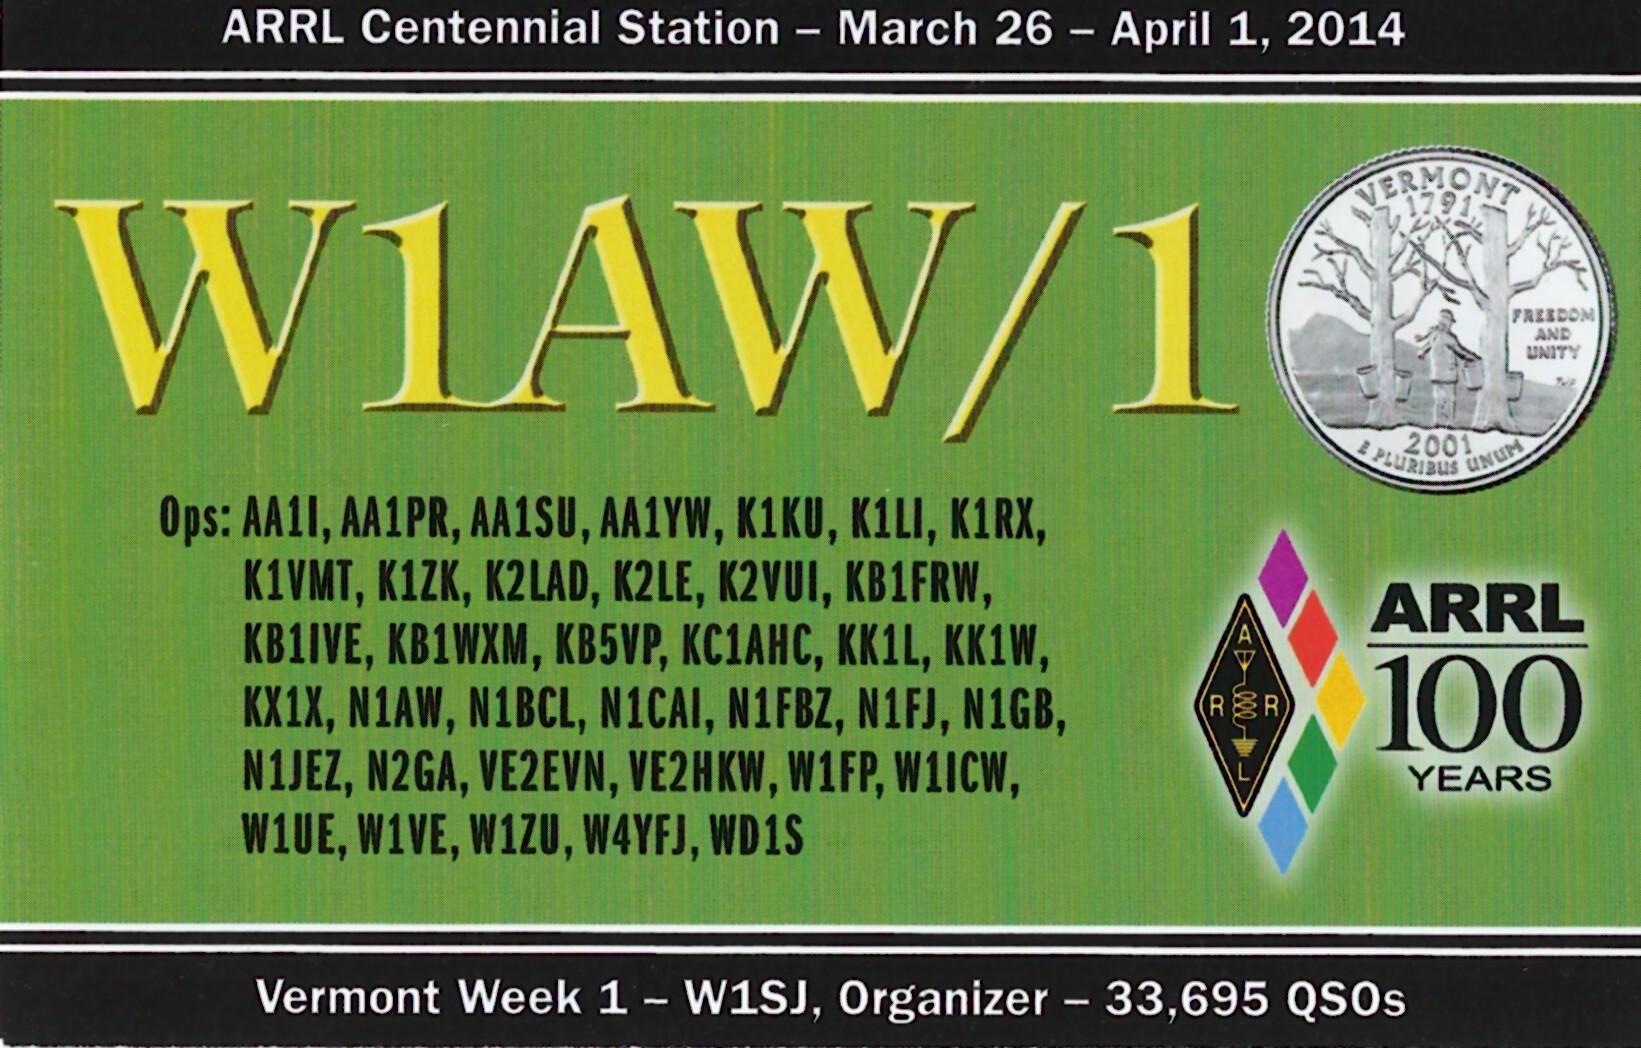 W1AW-1 VT